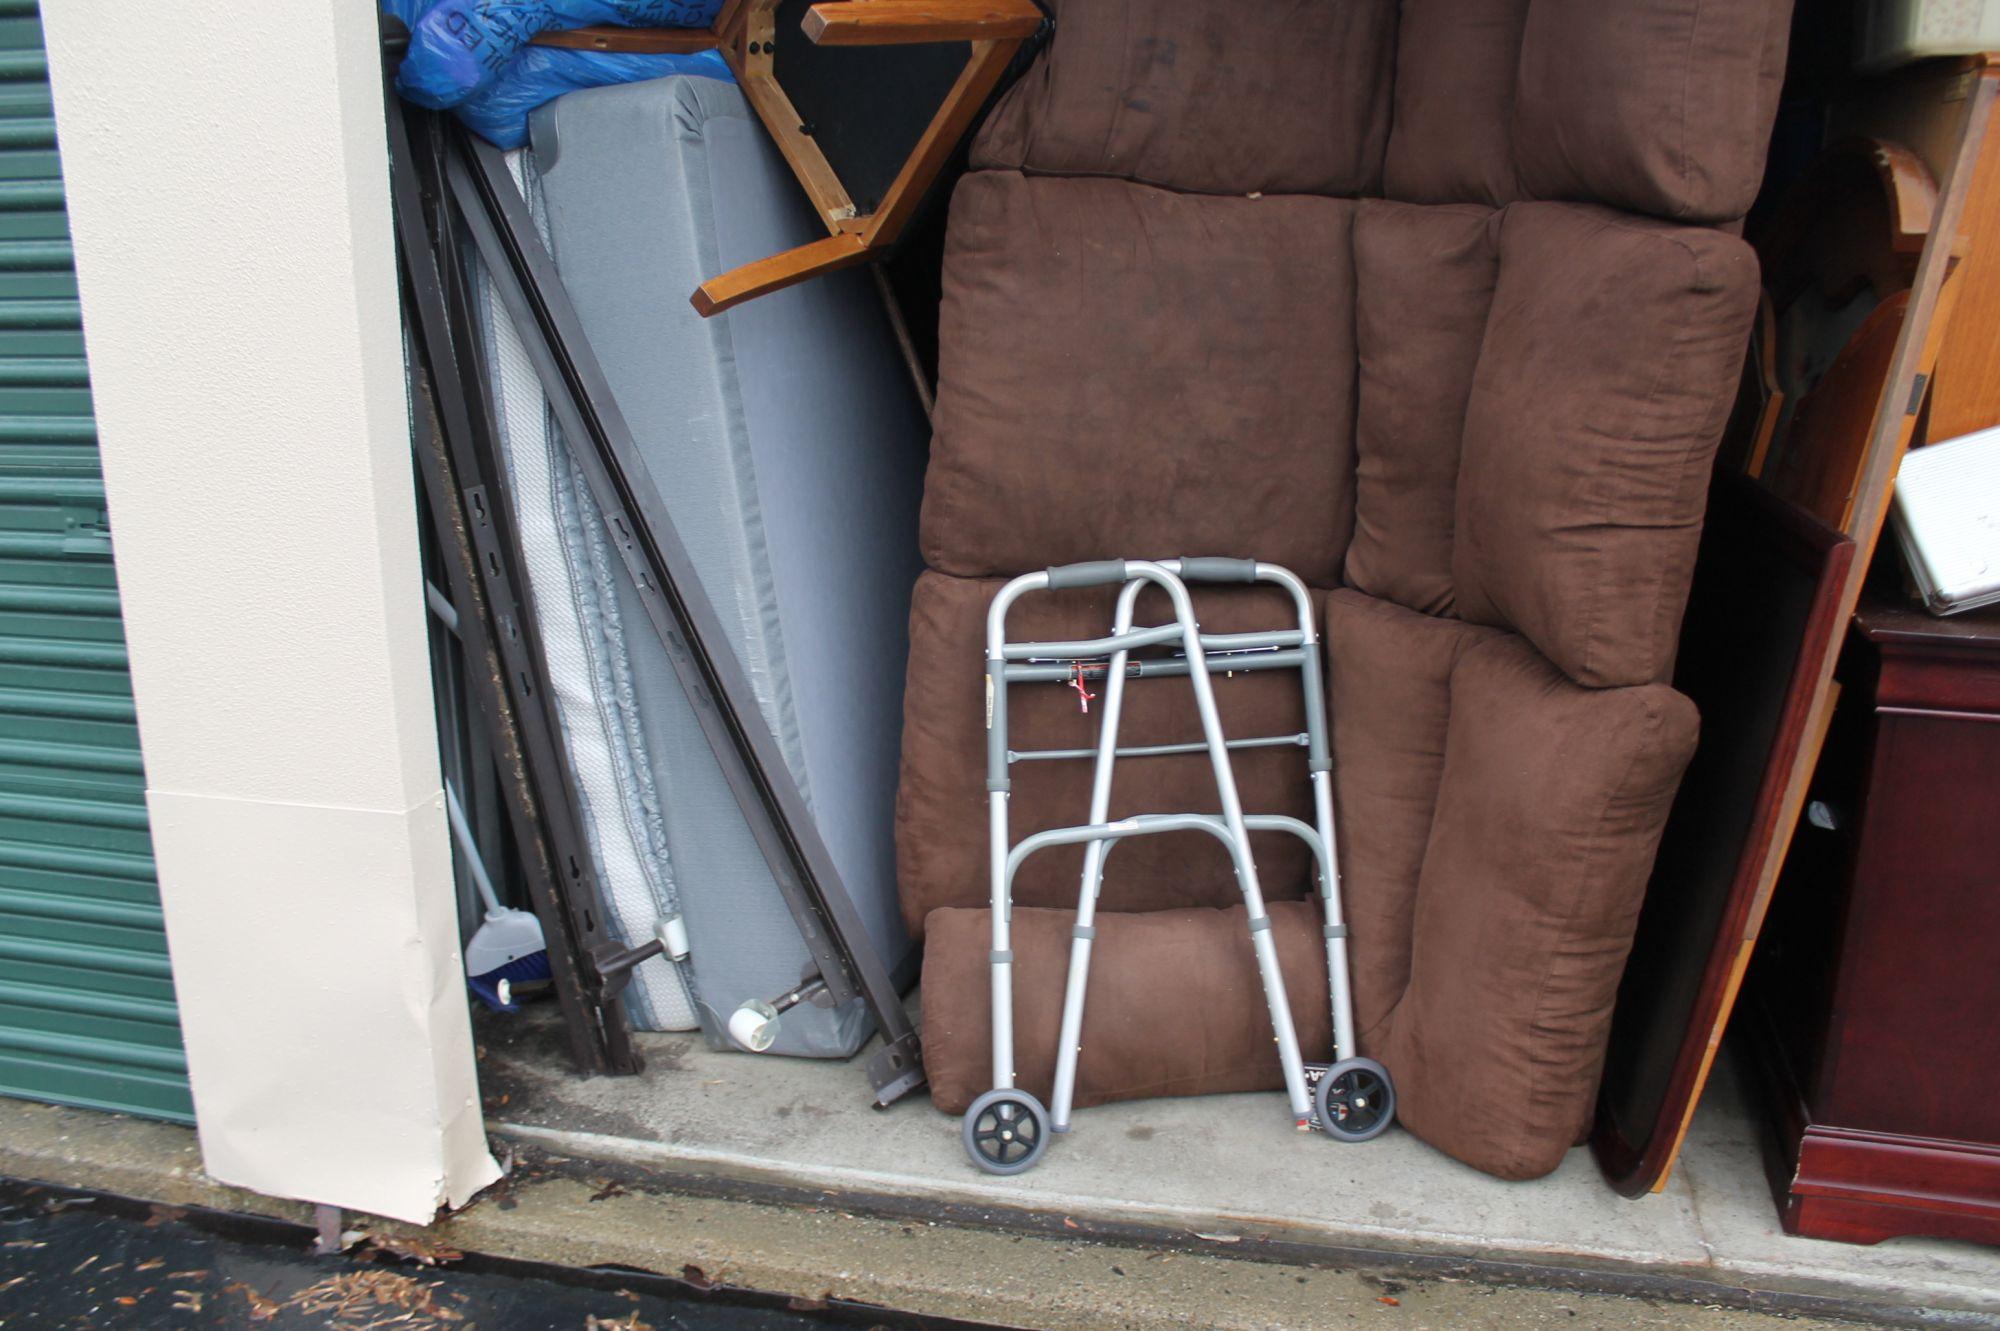 Storage Unit Auction 550814 Waterford Mi & Storage Units Waterford Mi - Listitdallas